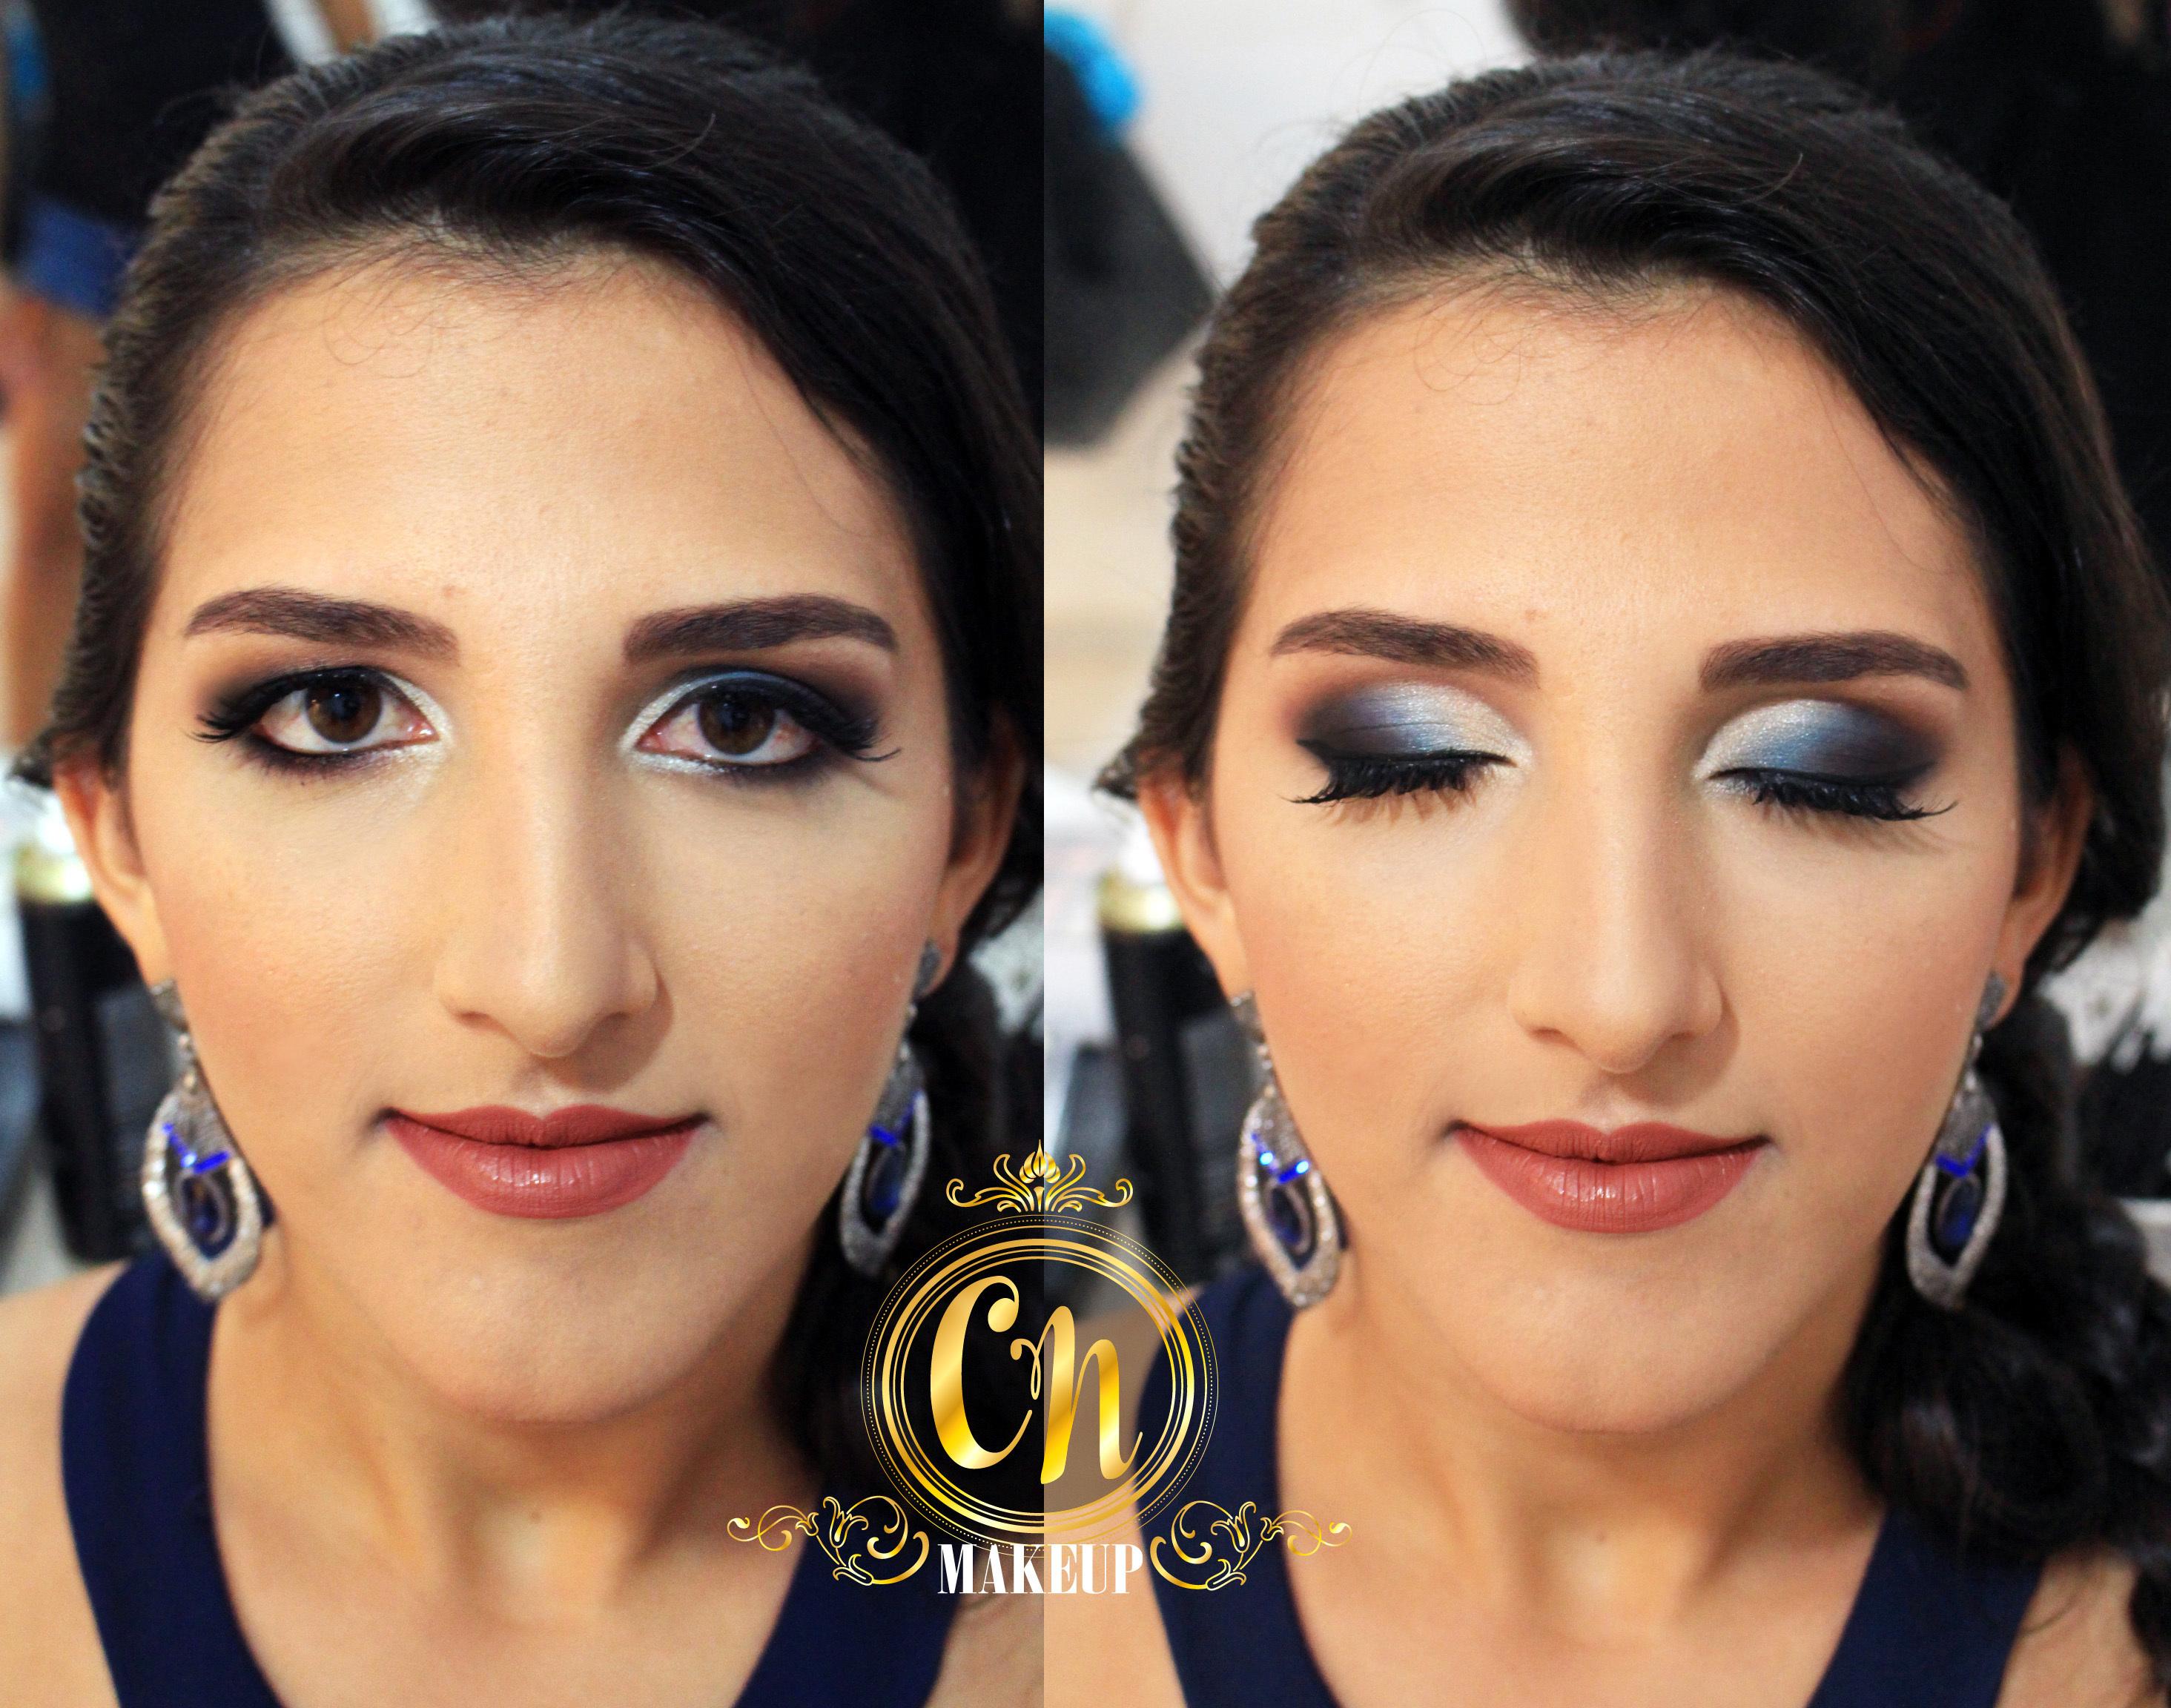 Maquiagem marcante azulada para formatura! . #maquiagem #maquiagempro #maquiagemubatuba #maquiagens #antesedepois #producao #maquiadoraubatuba #portfolio #mua #makeuptransformation #beforeafter #maquiagemformatura #formanda #makeupartist maquiagem maquiador(a)